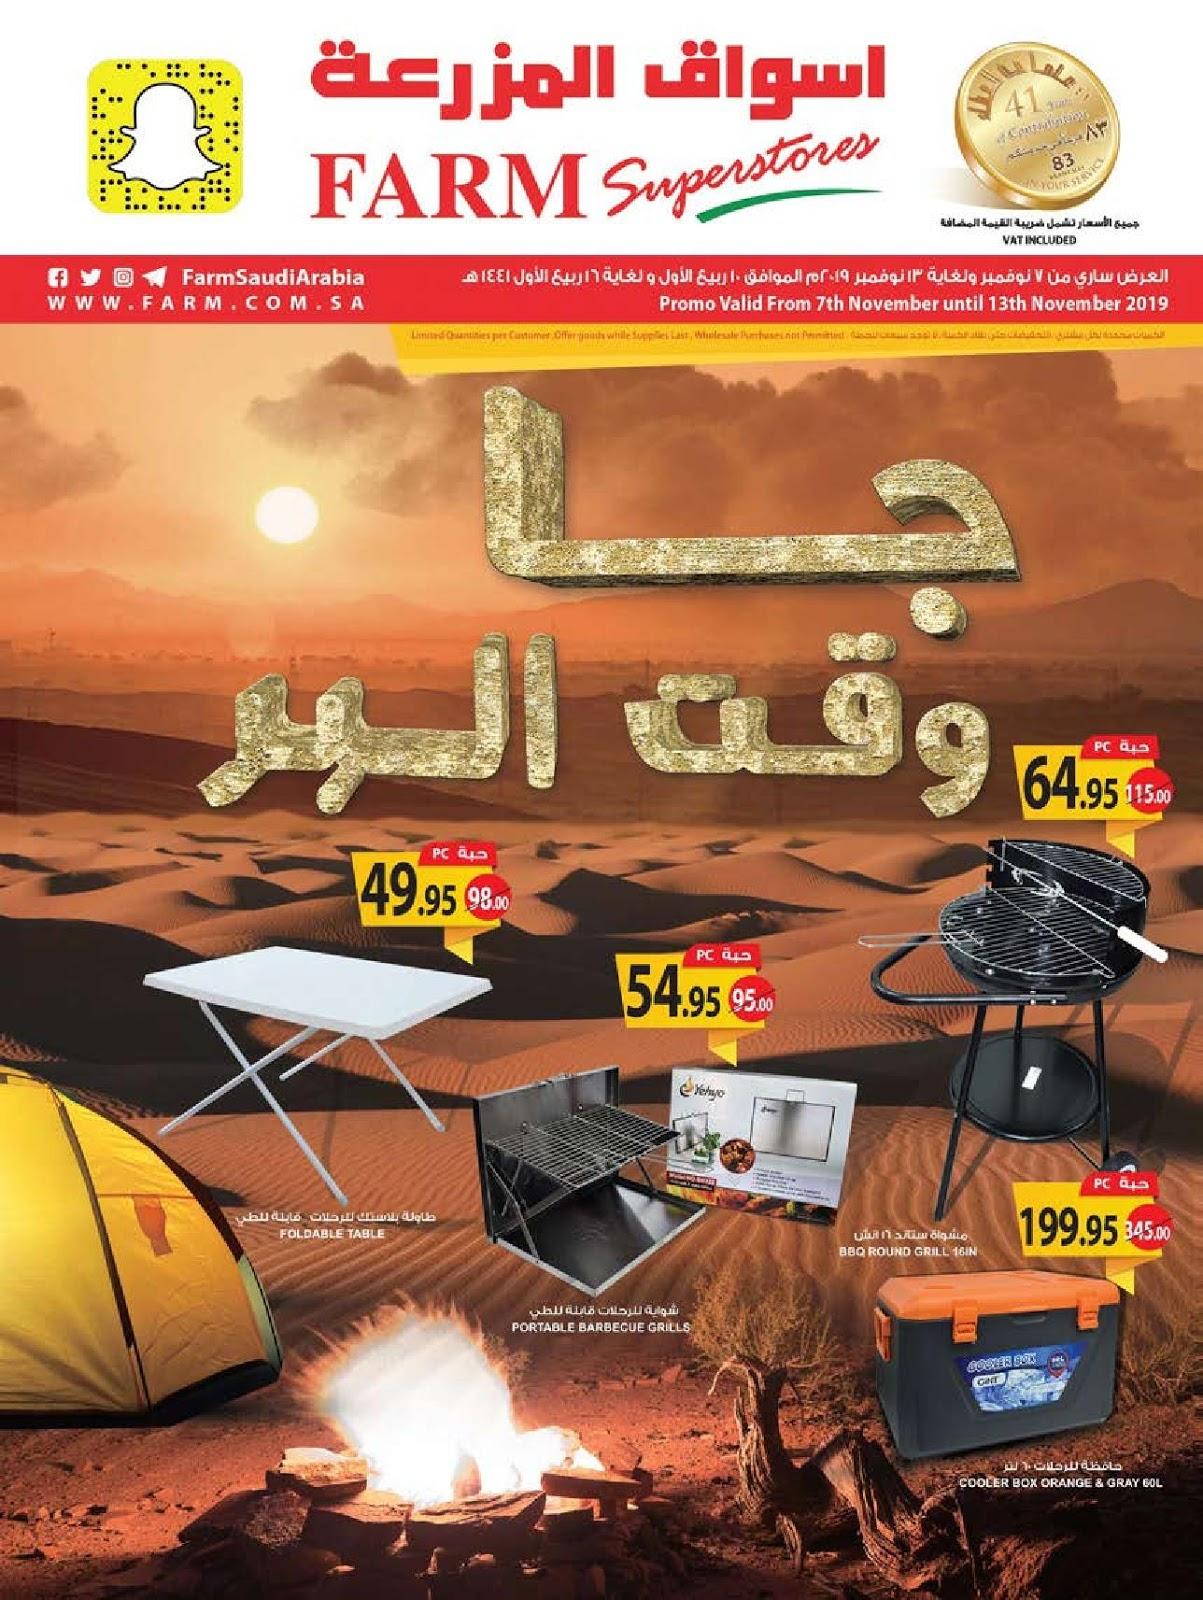 عروض اسواق المزرعة الرياض و المنطقة الشرقية و عرعر الاسبوعية السعودية من 7 نوفمبر حتى 13 نوفمبر 2019 جا وقت البر